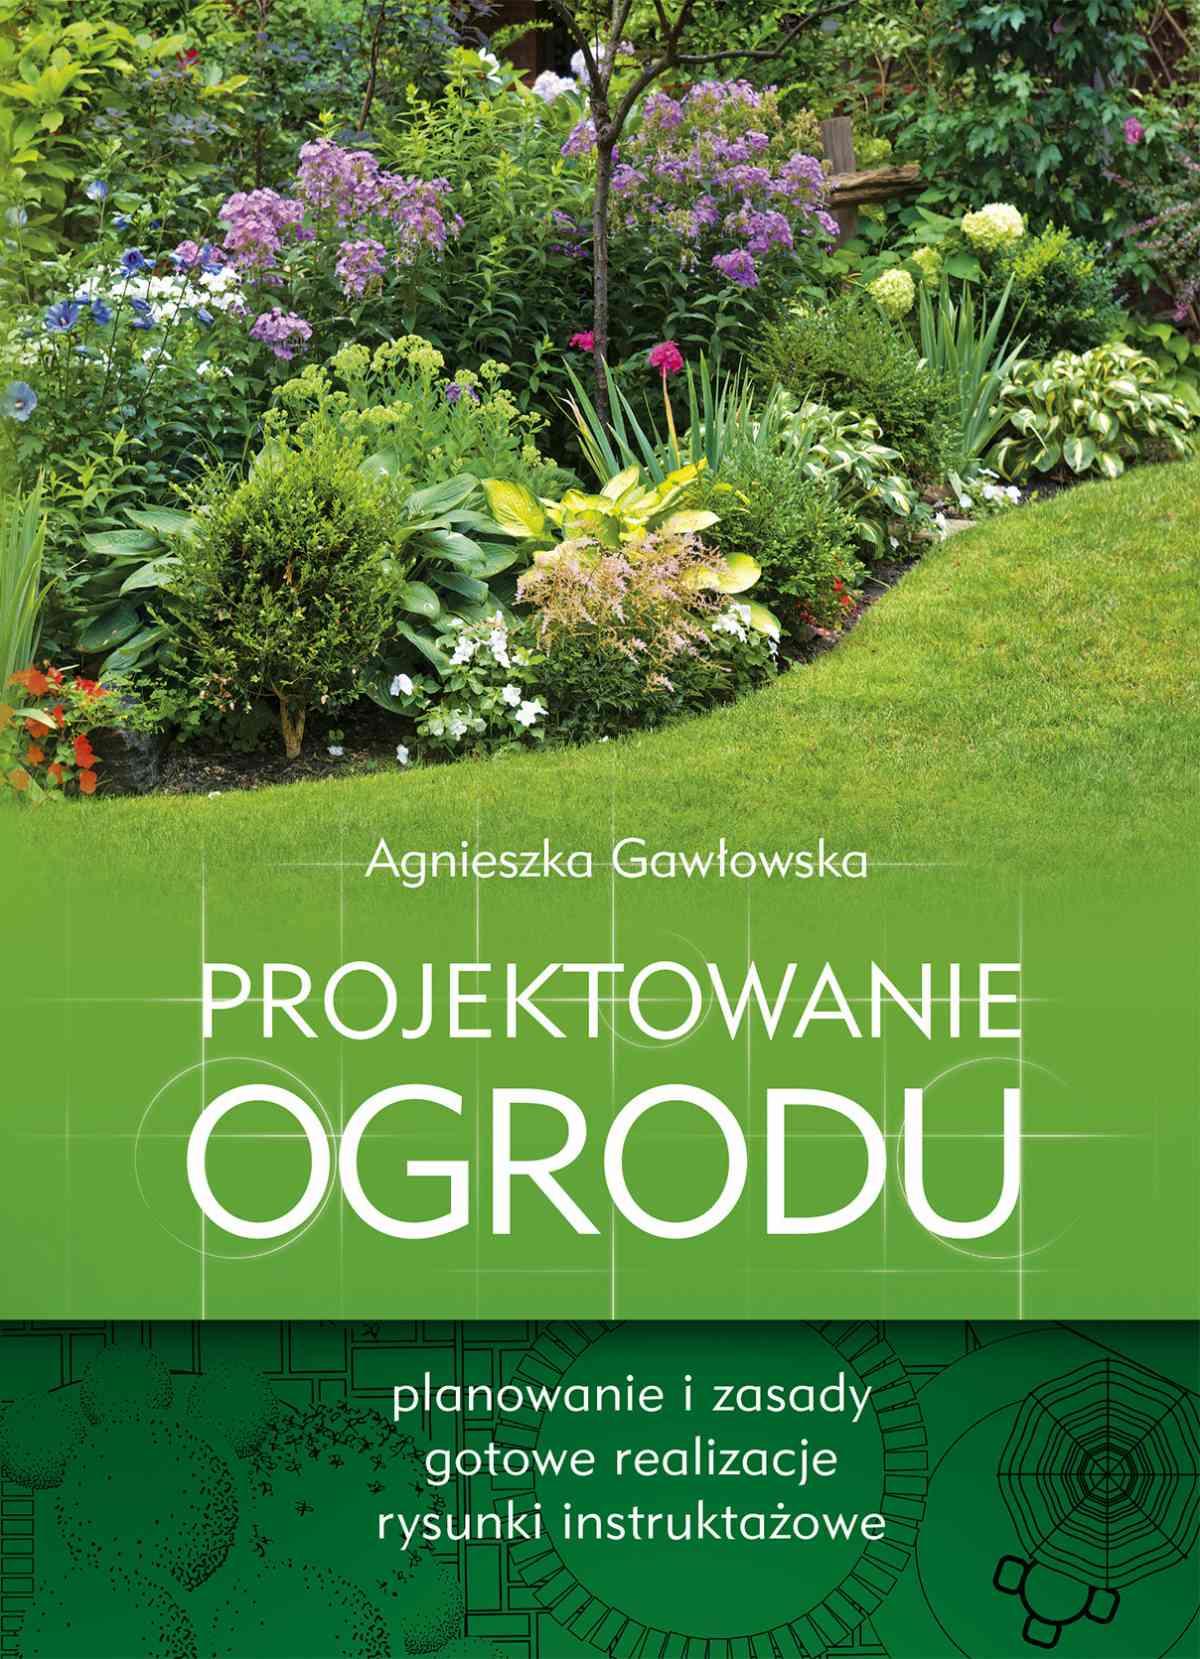 Projektowanie ogrodu - Ebook (Książka PDF) do pobrania w formacie PDF